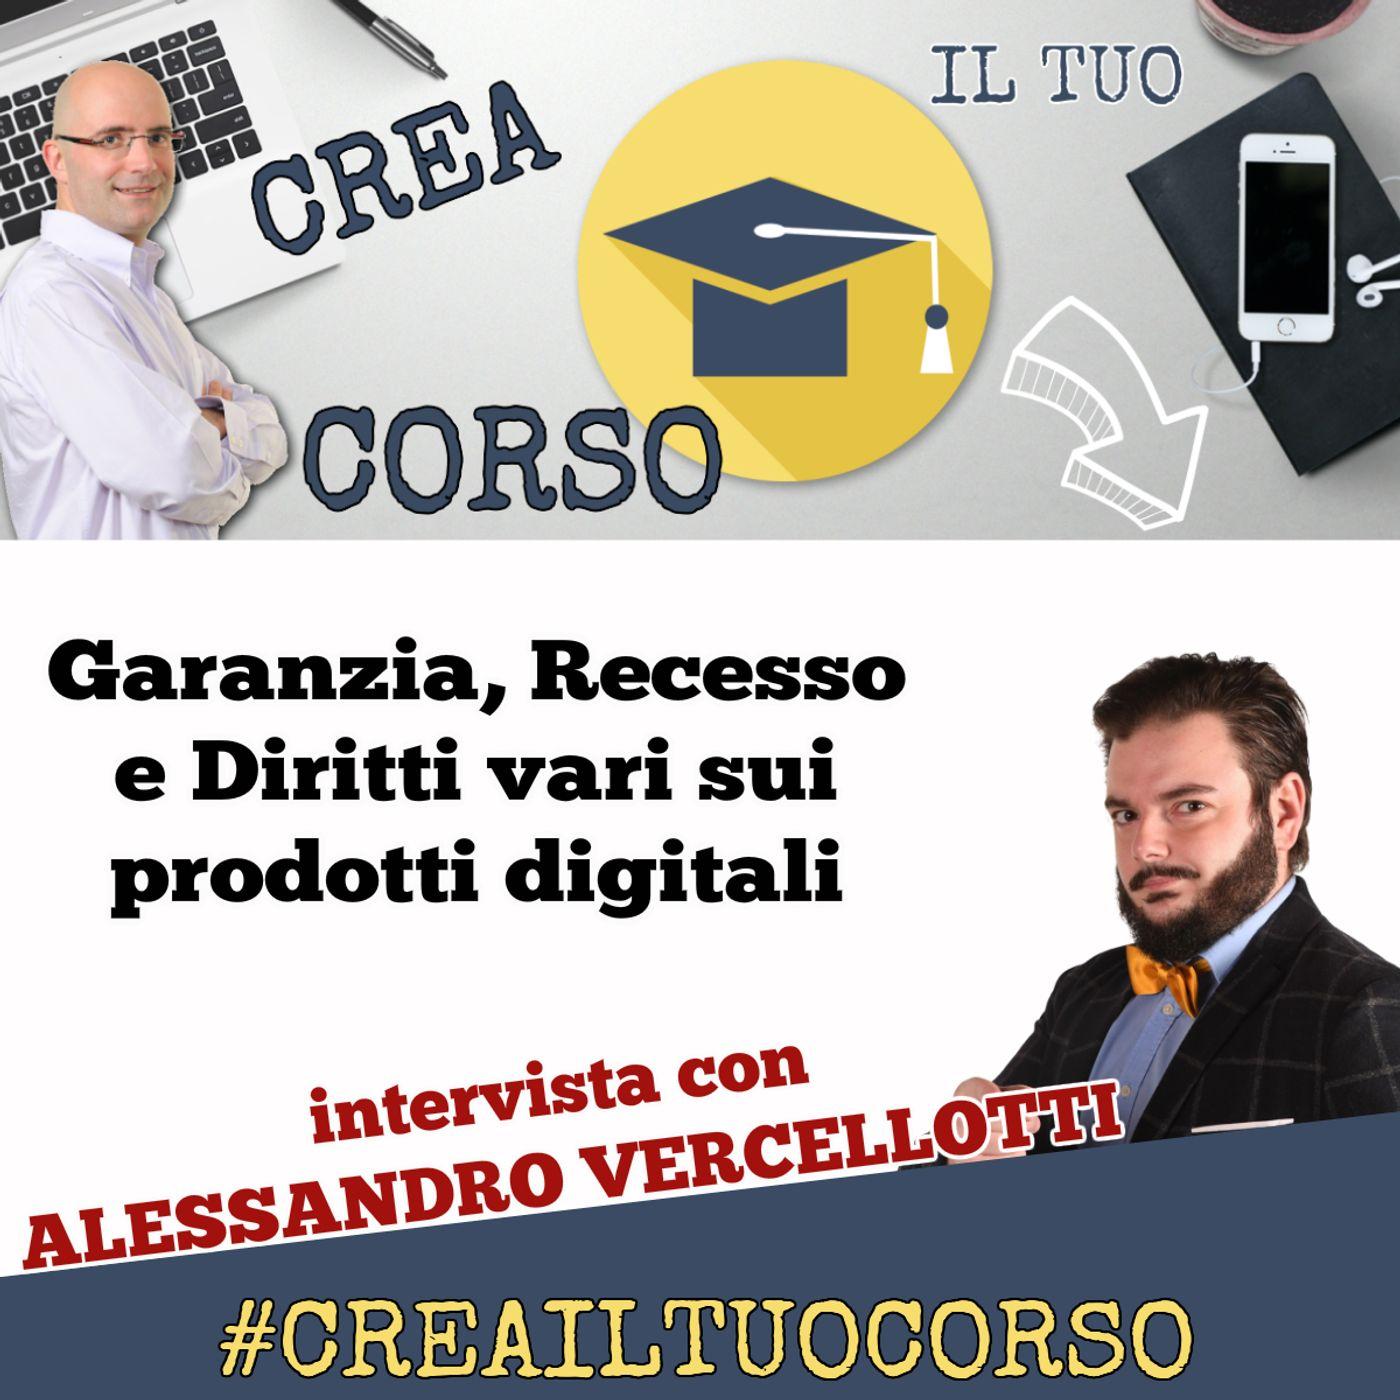 #STORIE 06: Avv. Alessandro Vercellotti (garanzia e rimborso su corsi online e prodotti digitali)